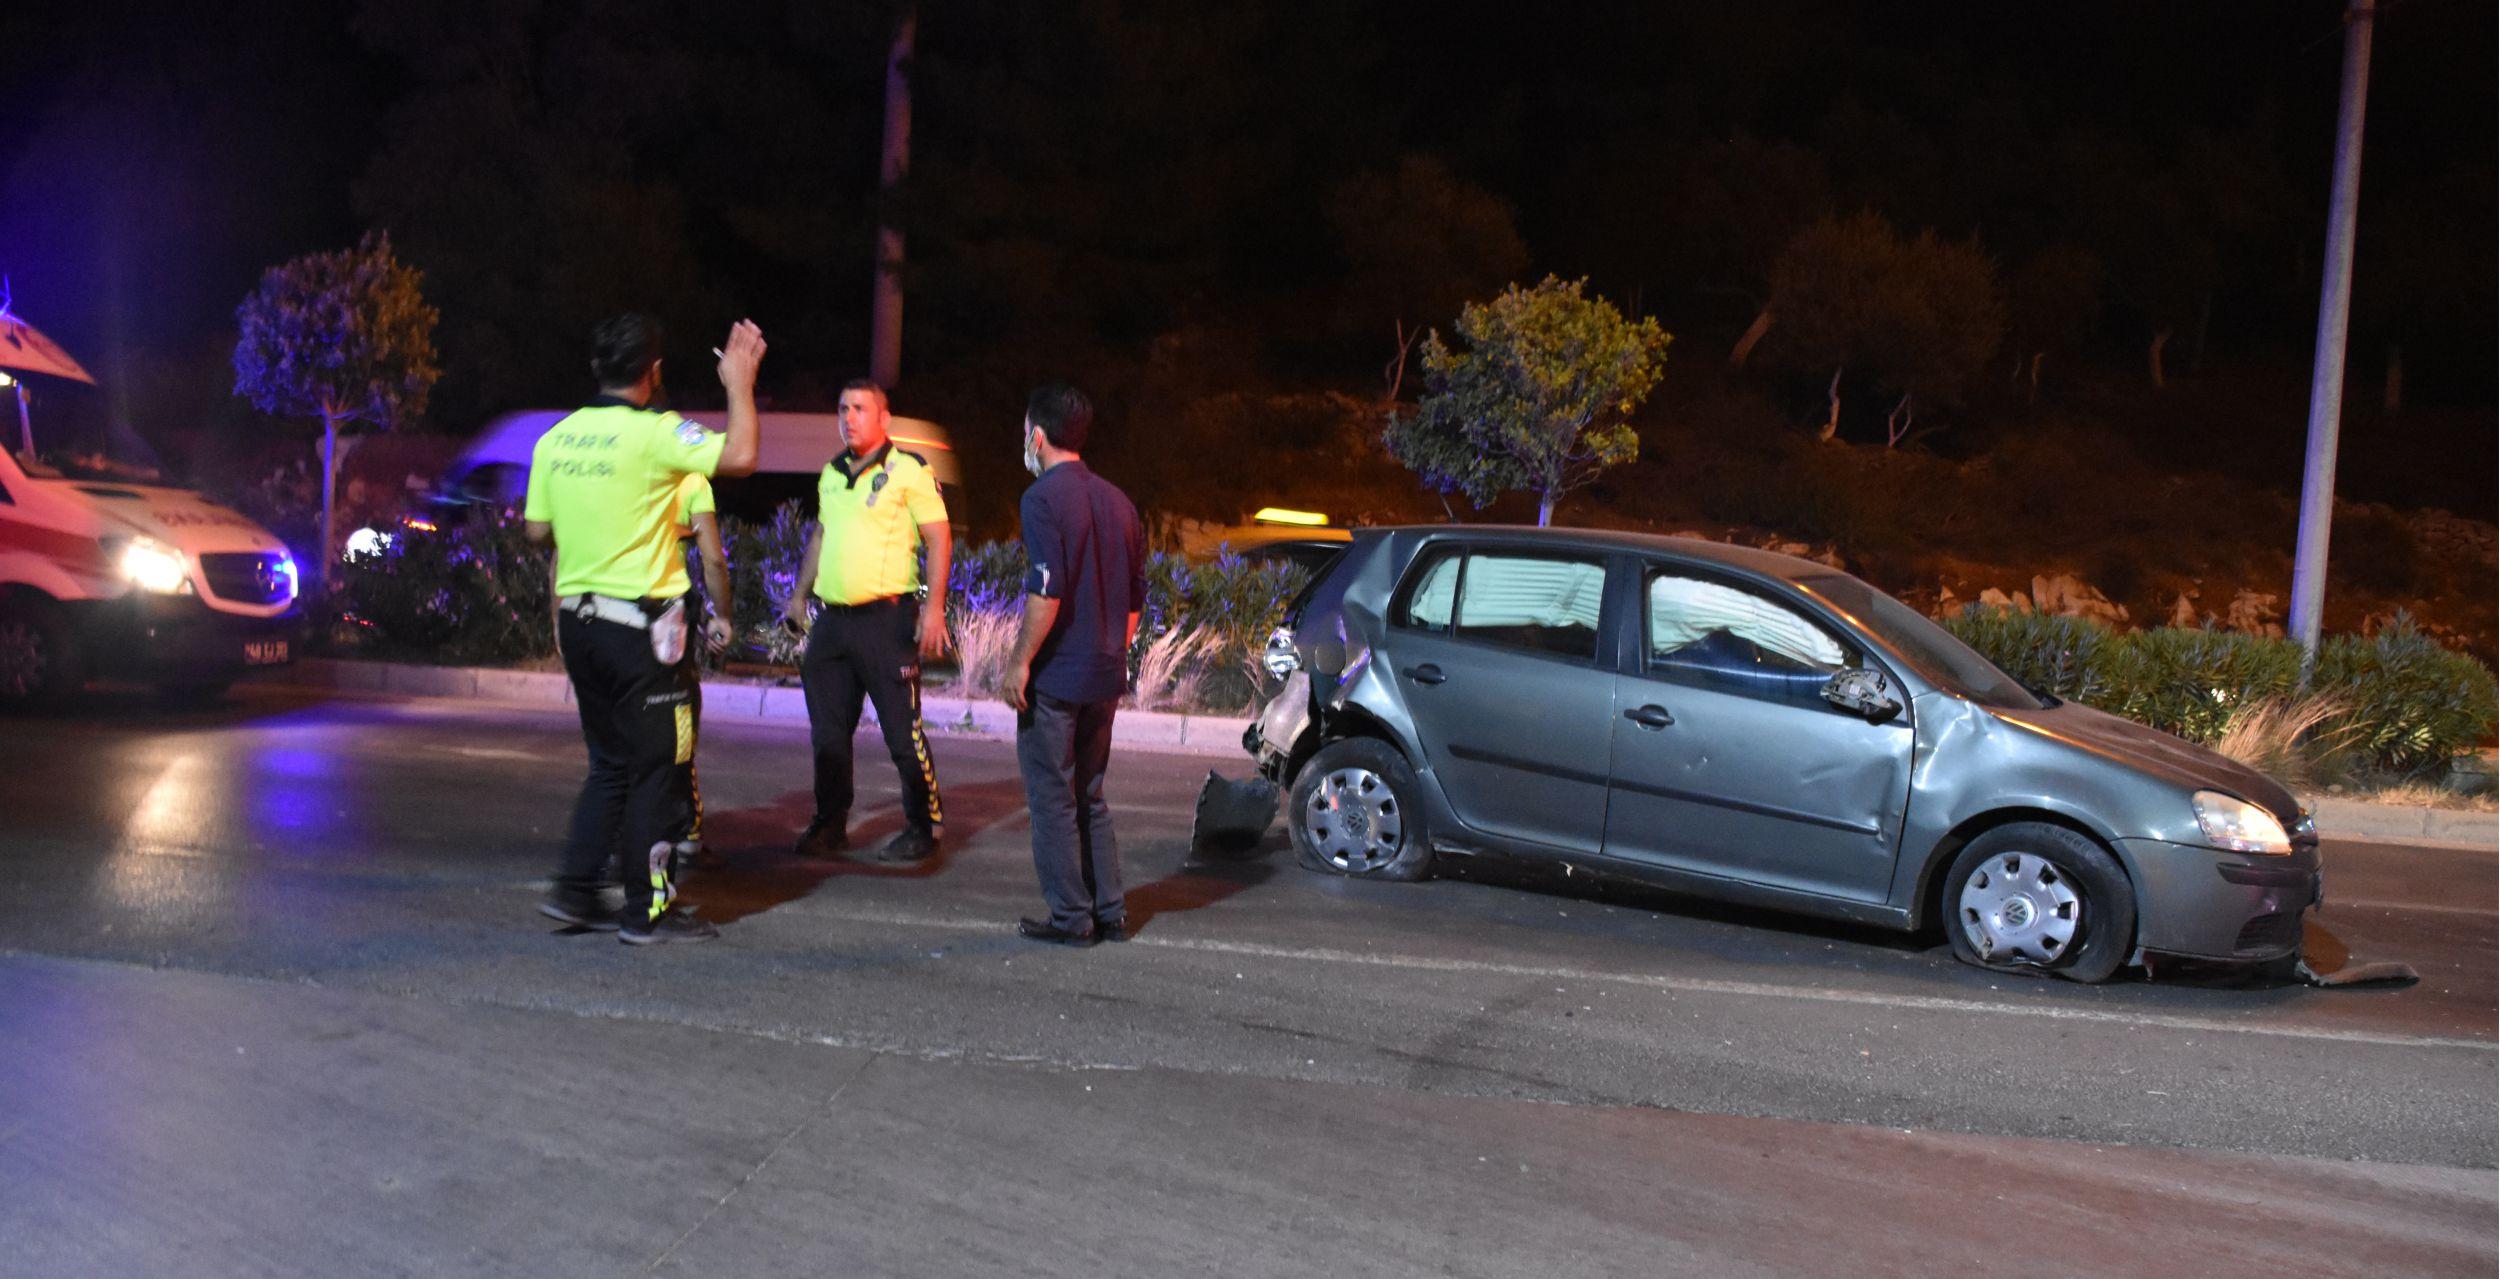 Muğla'da zincirleme trafik kazası sonucu 1'i polis 3 kişi yaralandı